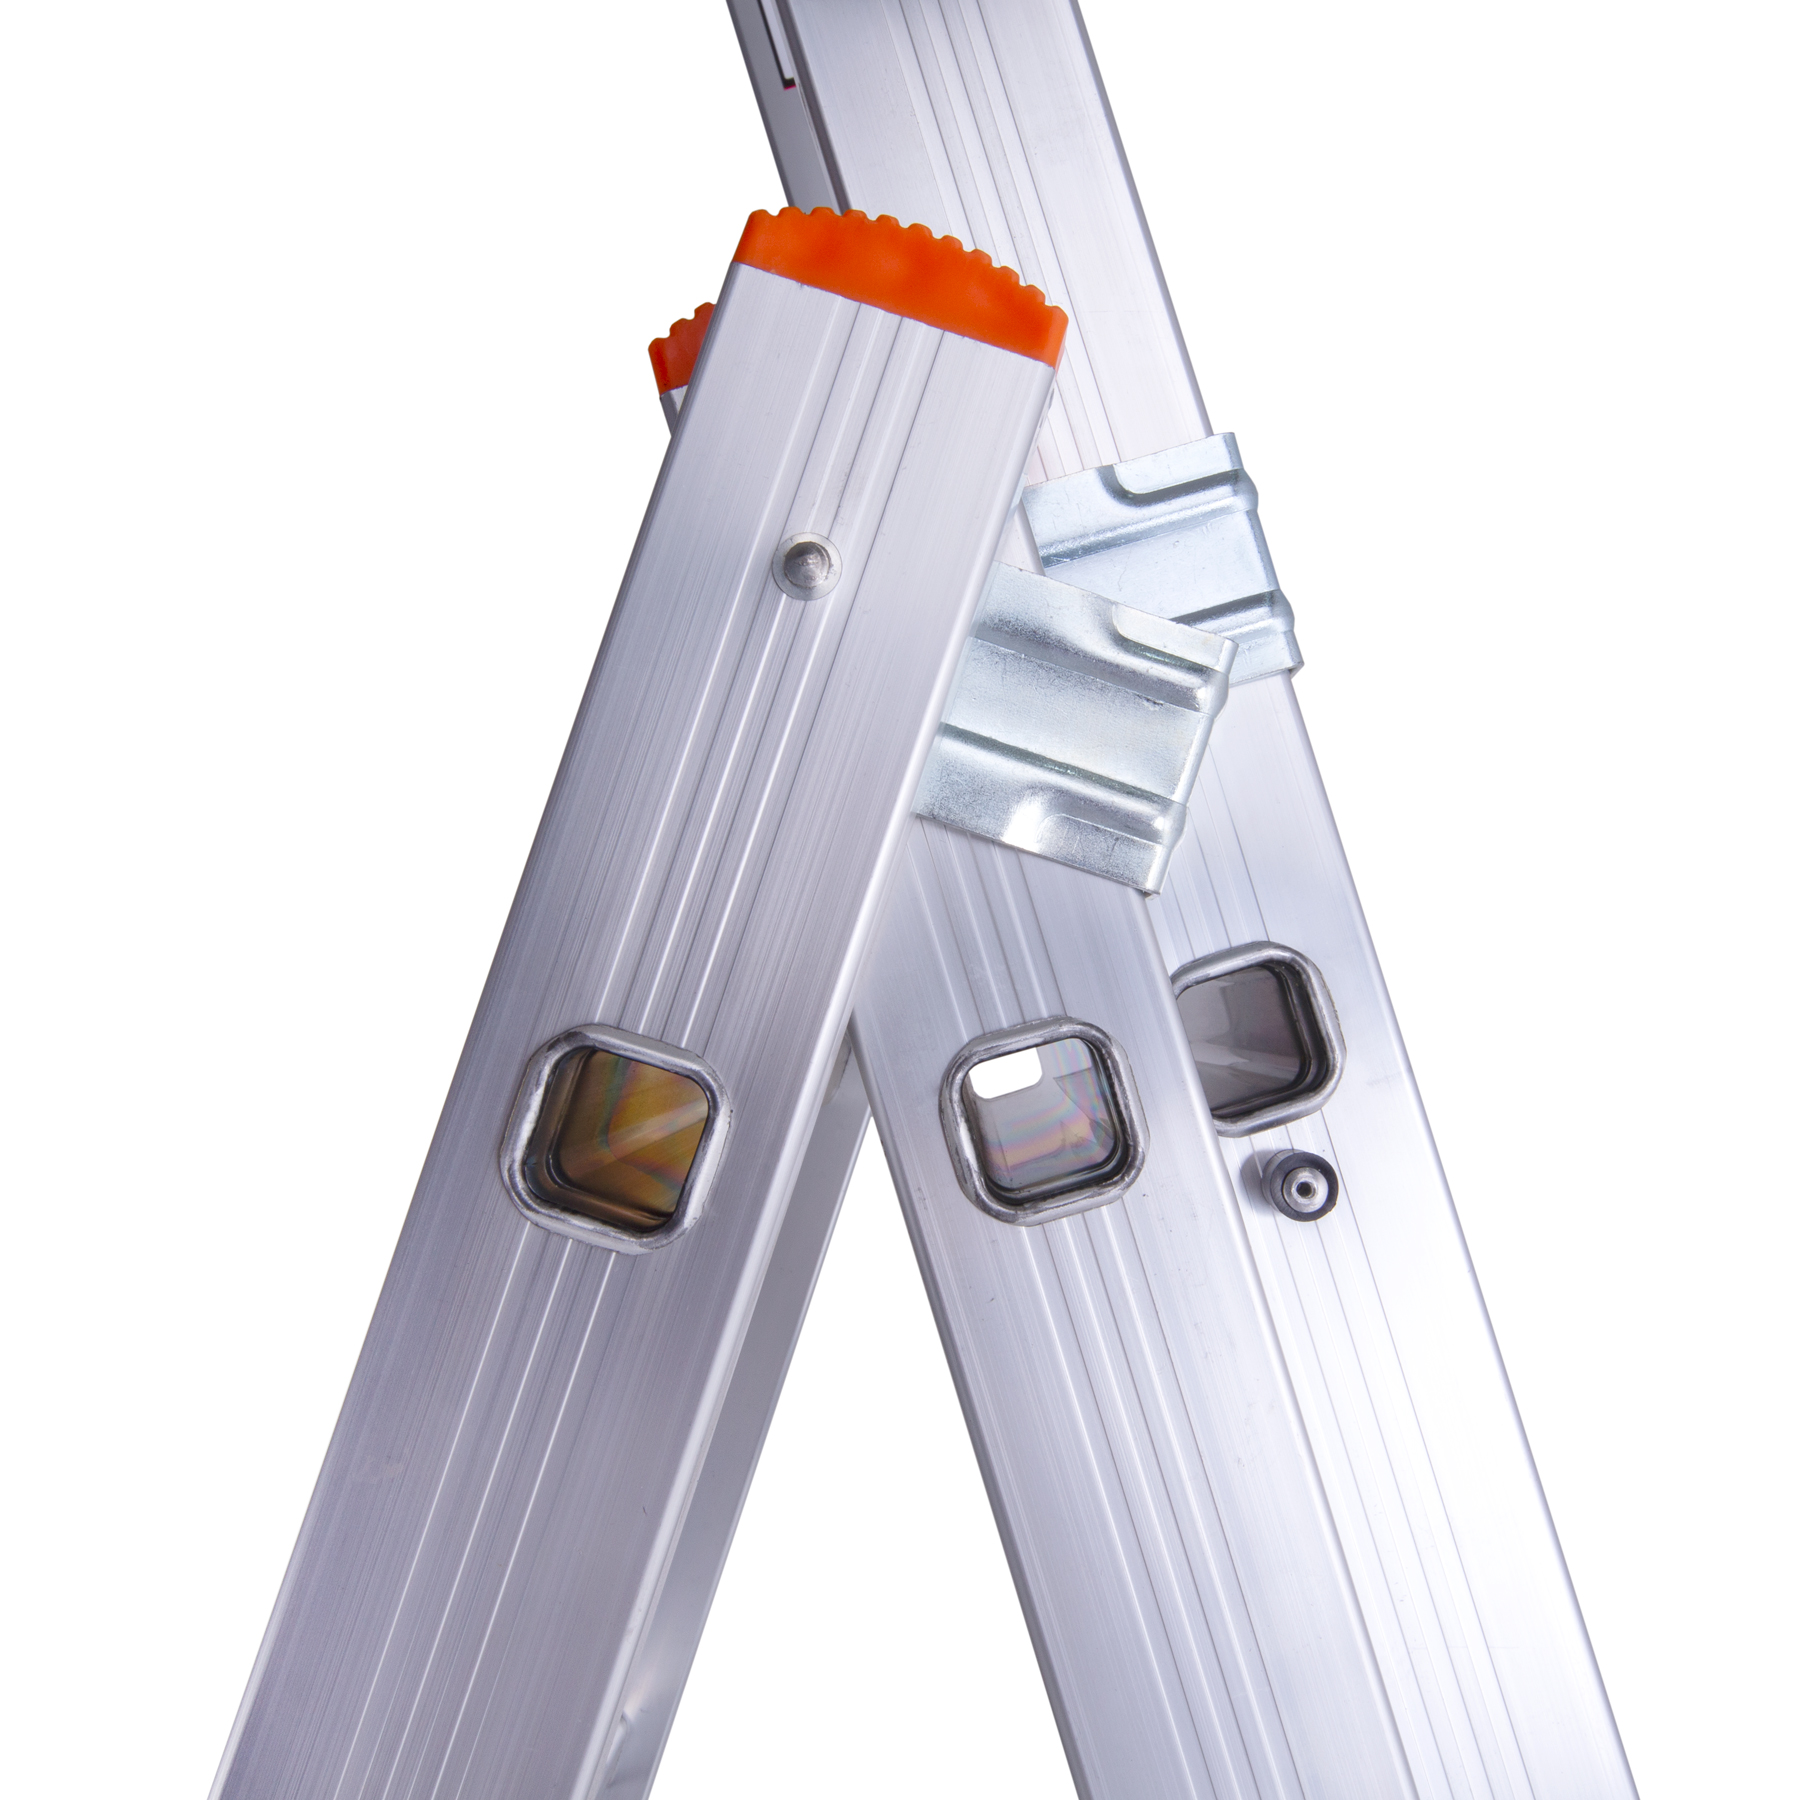 узлы трехсекционной лестницы